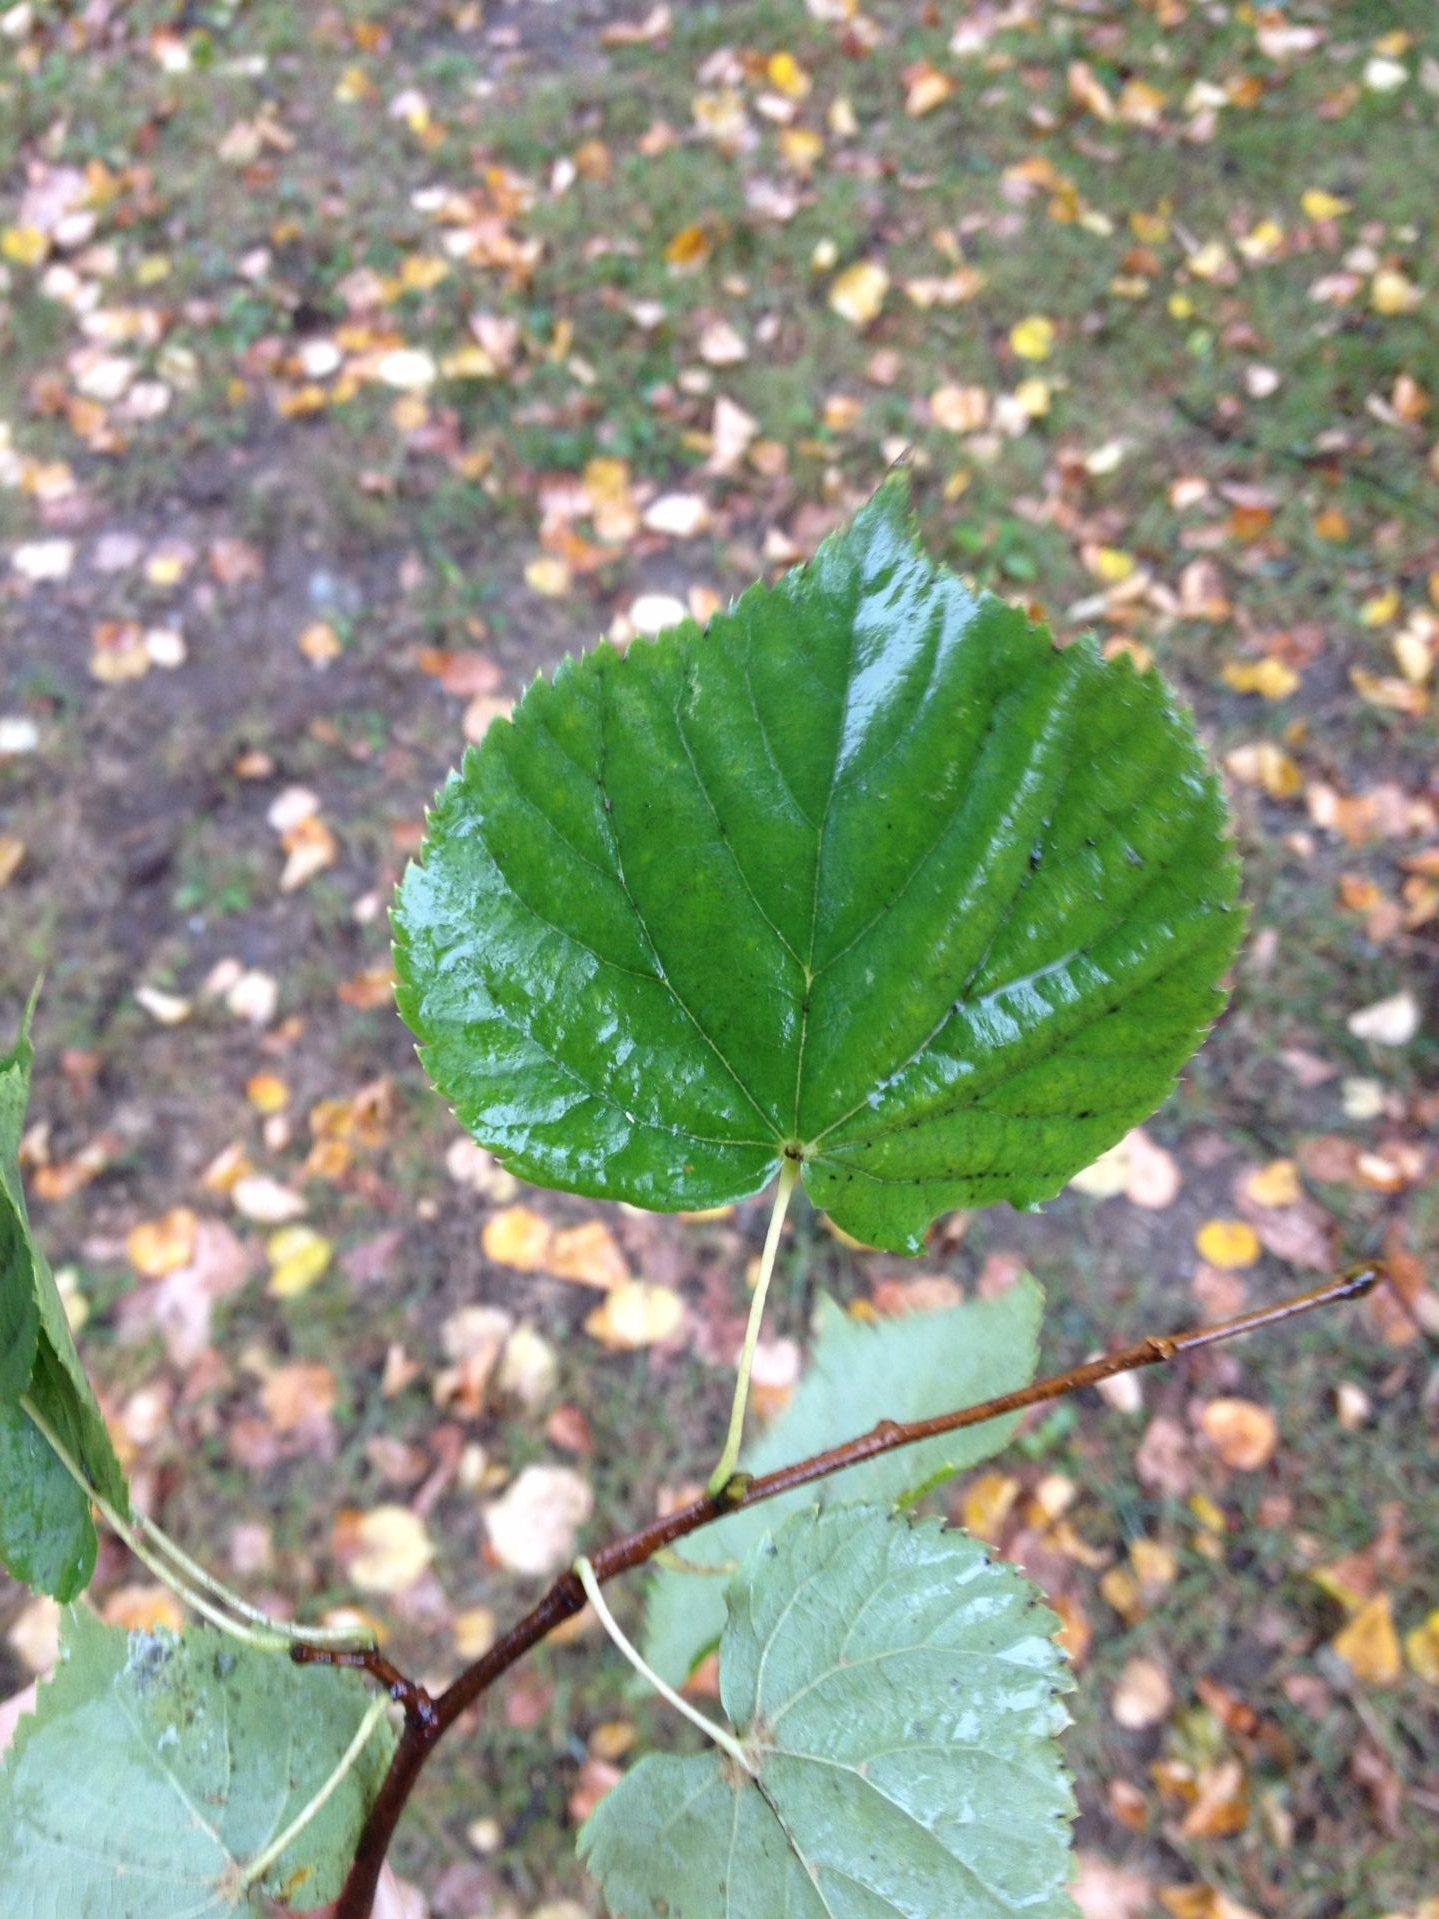 Little-leaf Linden | Bates Canopy | Bates College